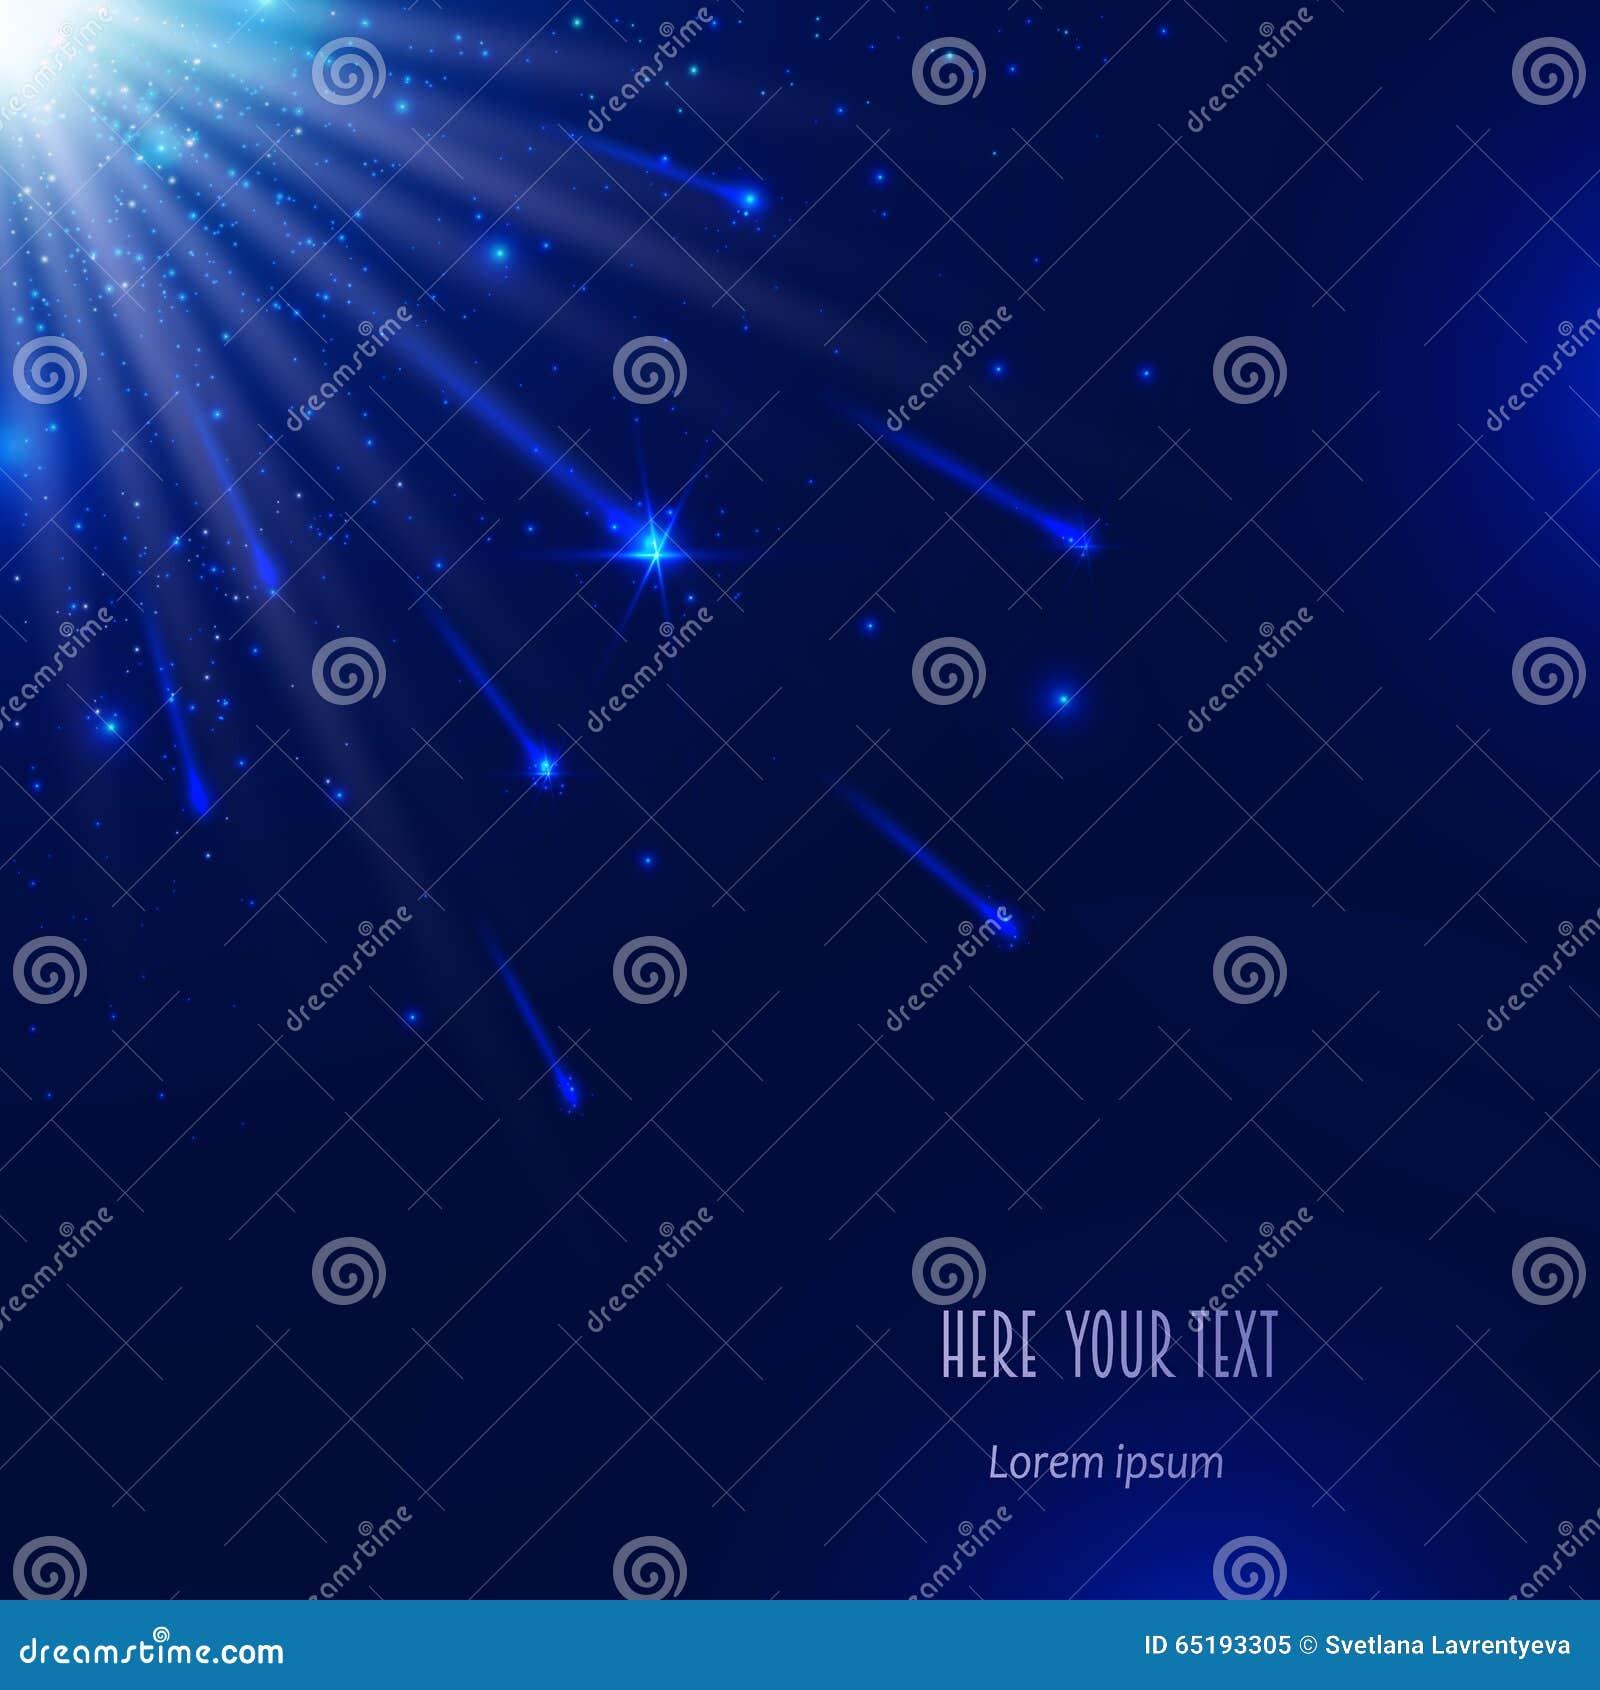 blauer hintergrund mit sternen und kometen vektor abbildung illustration von hell gl hen. Black Bedroom Furniture Sets. Home Design Ideas